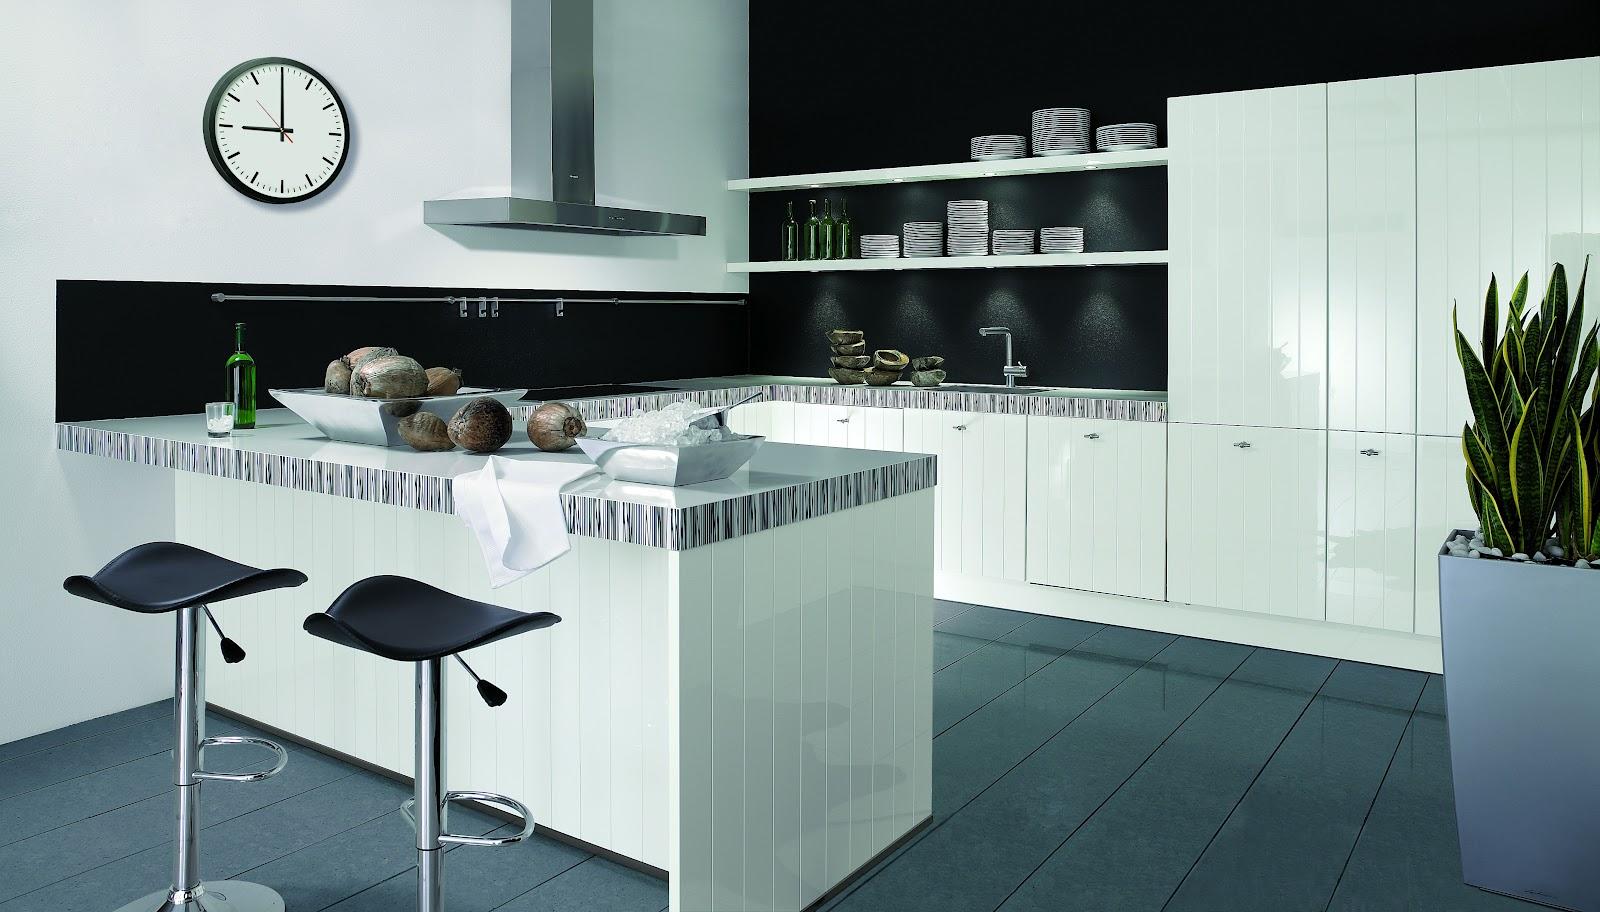 Lucas Designer de Interiores: Referências Projetos de Cozinha #676D37 1600 912